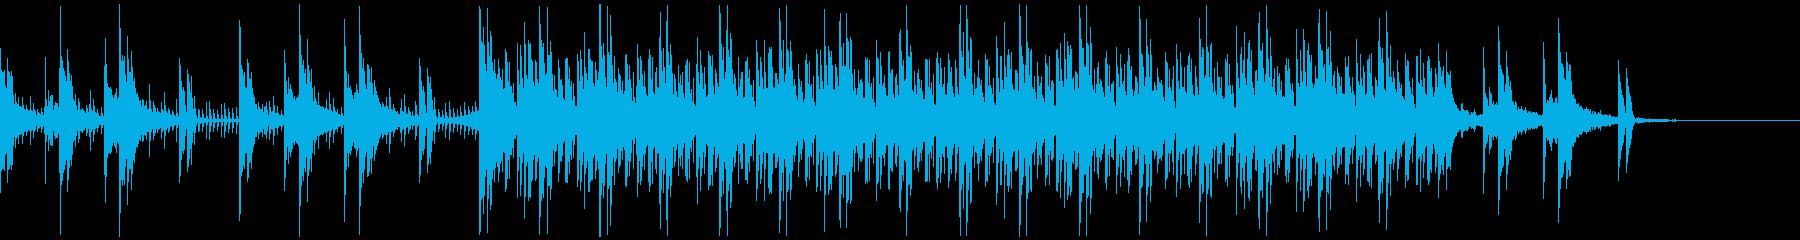 コーポレートテクスチャ―14の再生済みの波形